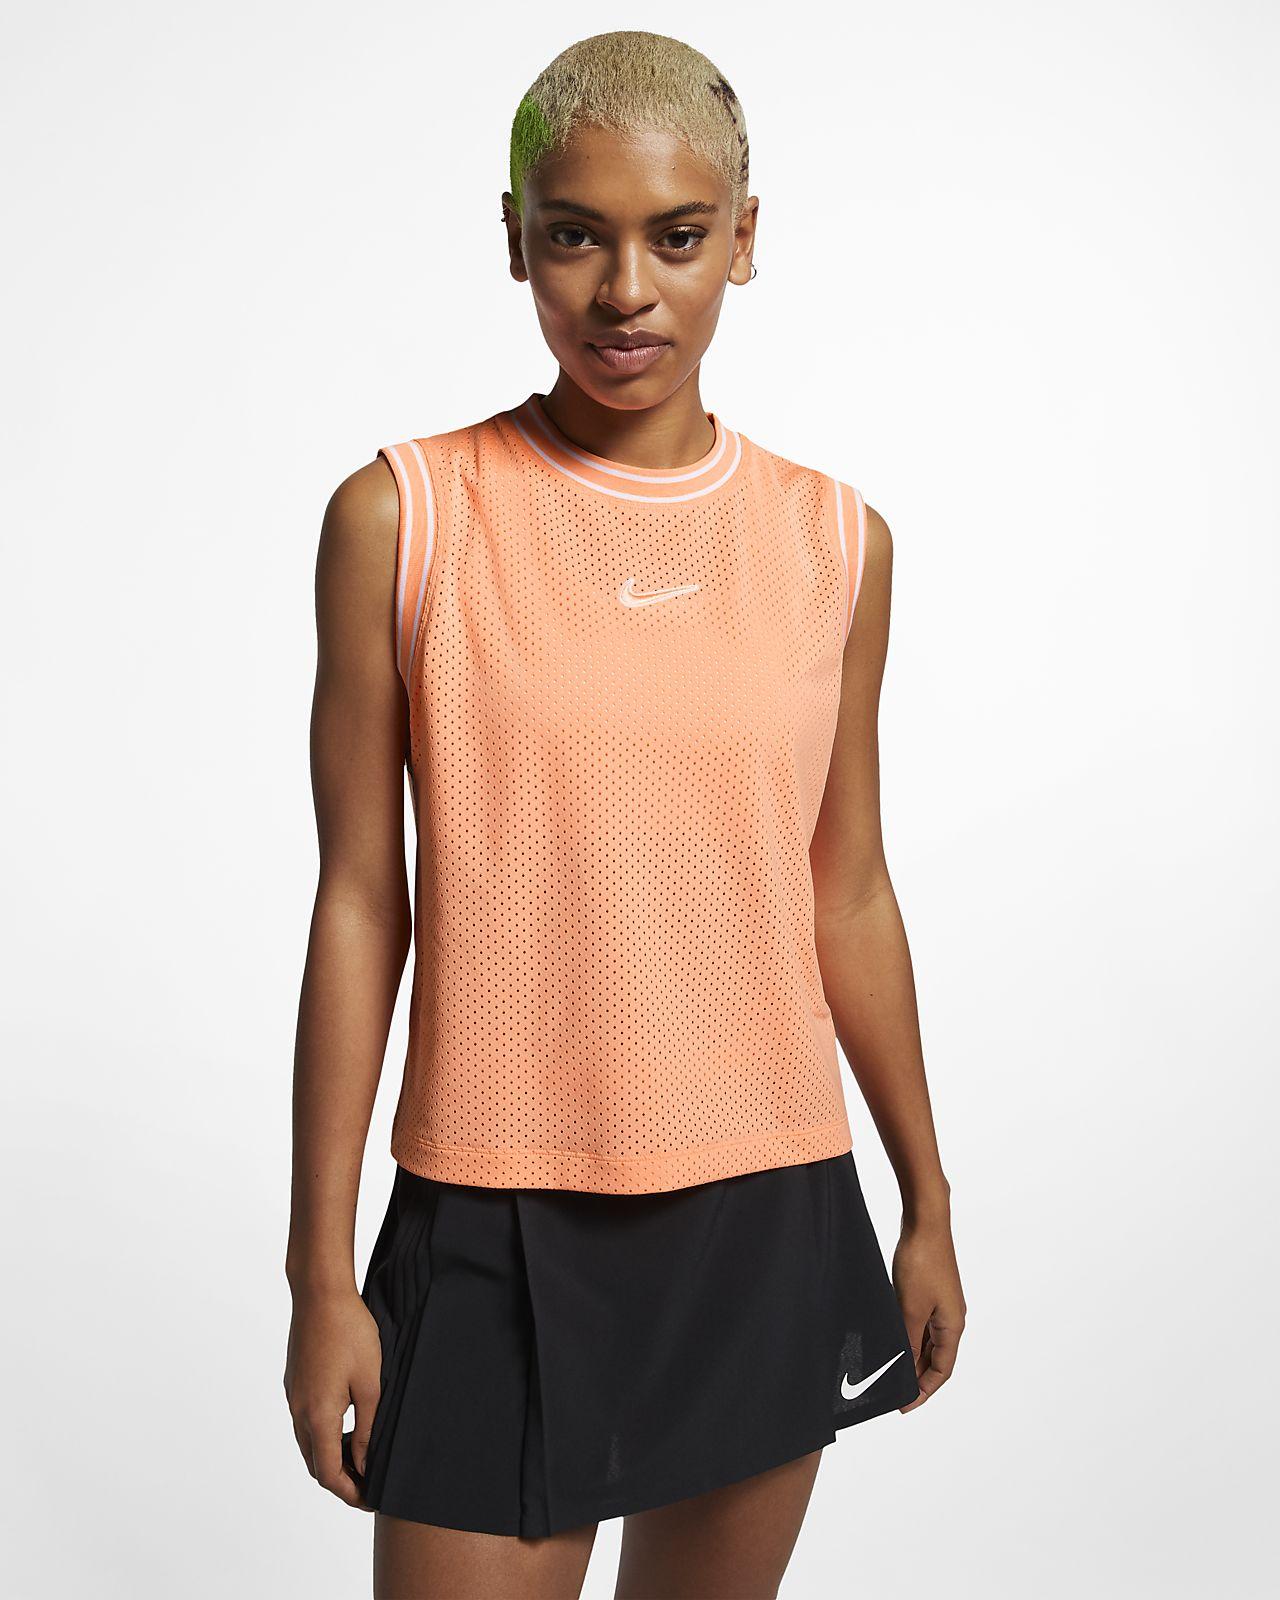 Γυναικείο φανελάκι τένις NikeCourt